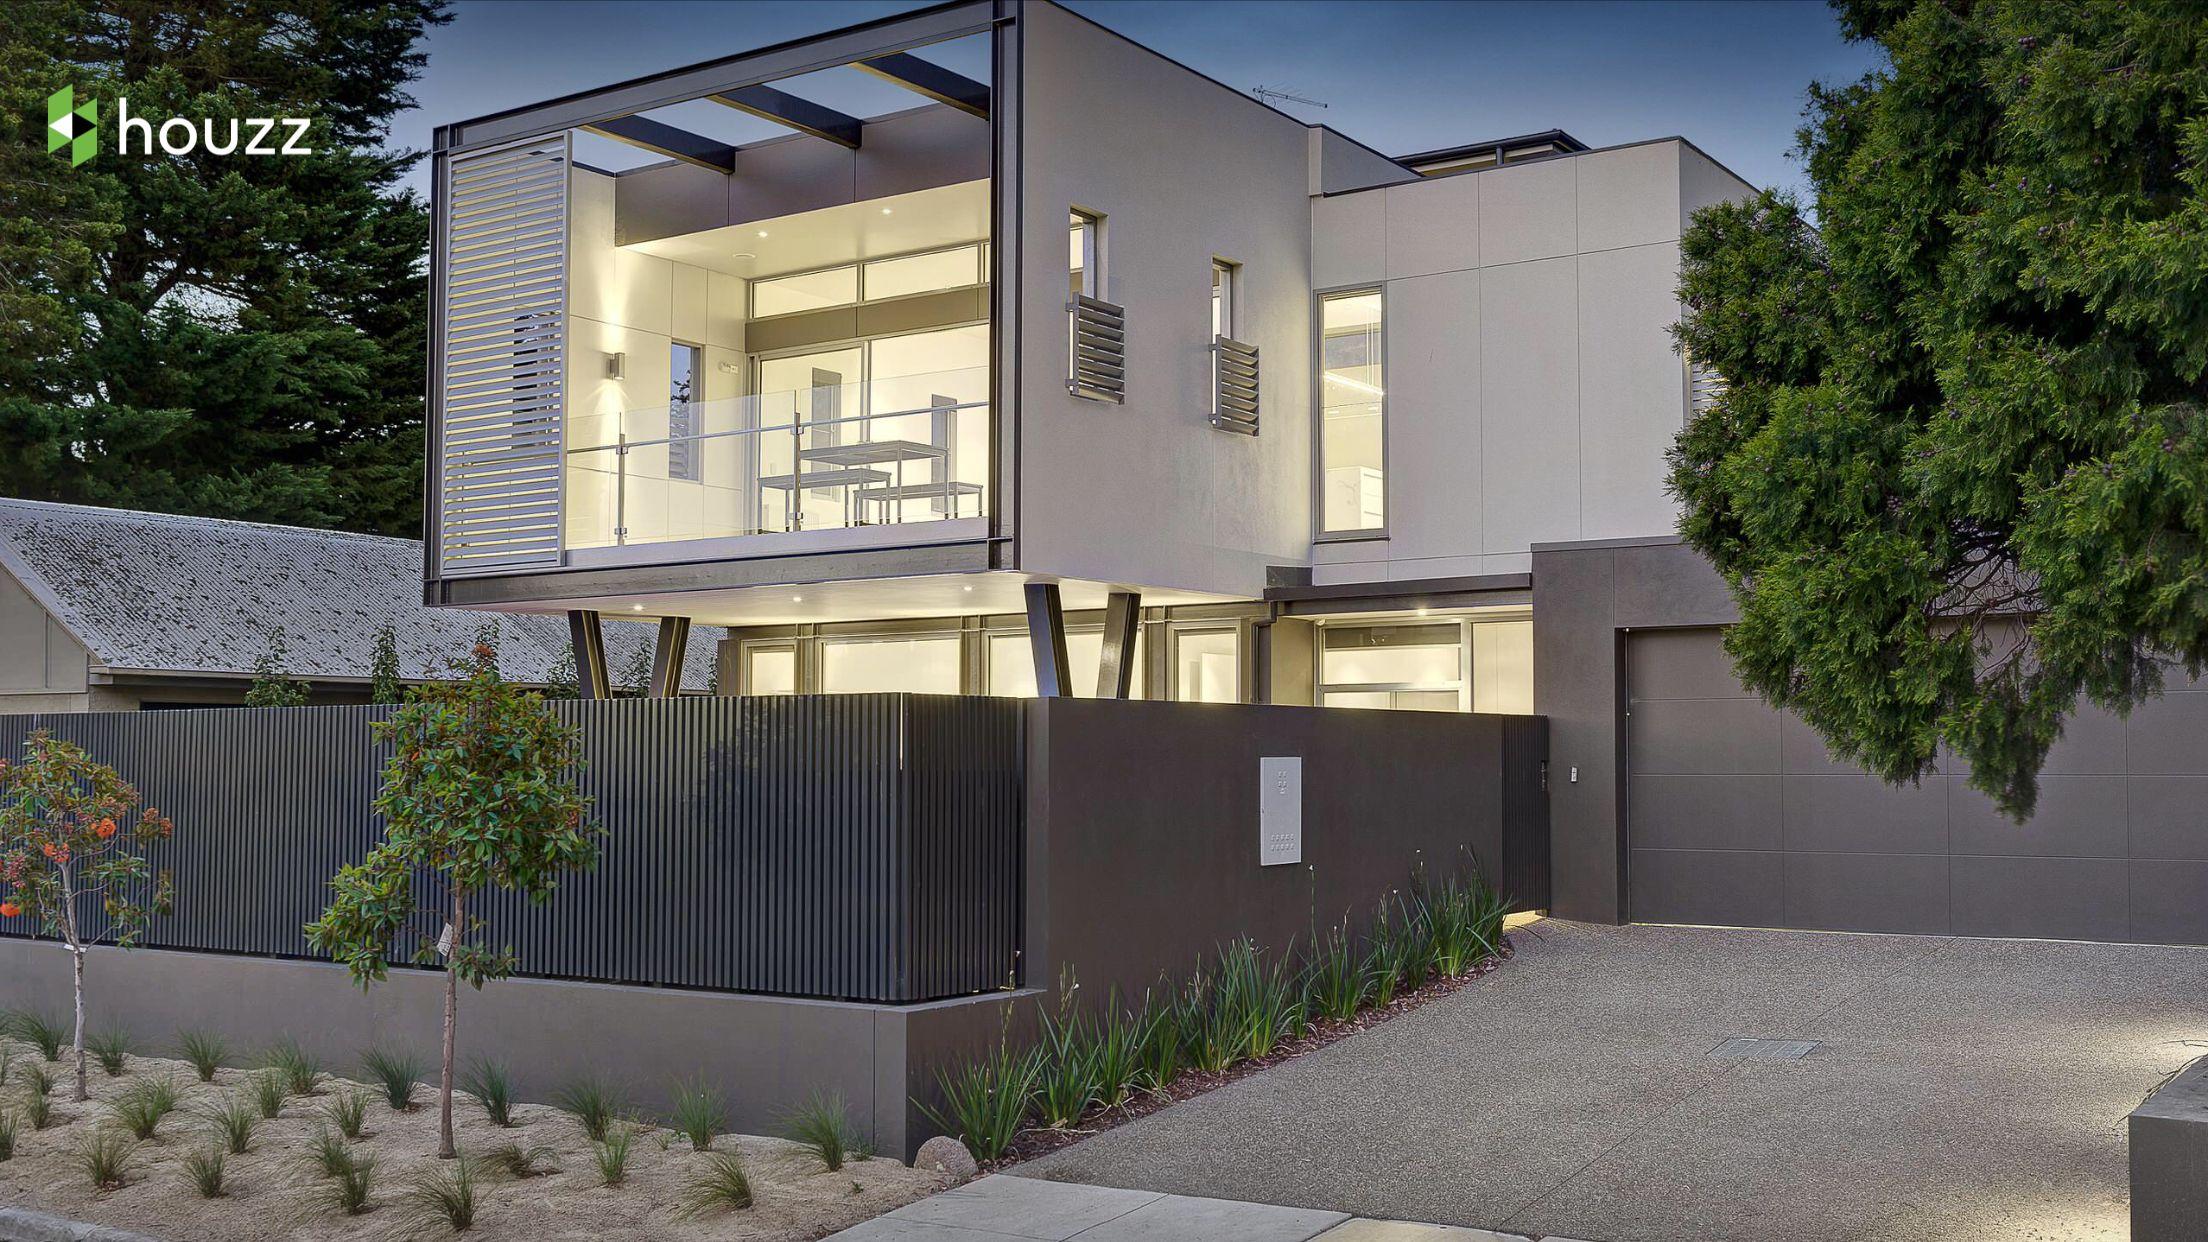 Gartenhaus, Vorgarten Zaun, Vorgärten, Aluminium Zaun, Zaun Design,  Außenfarben, Außengestaltung, Australische Häuser